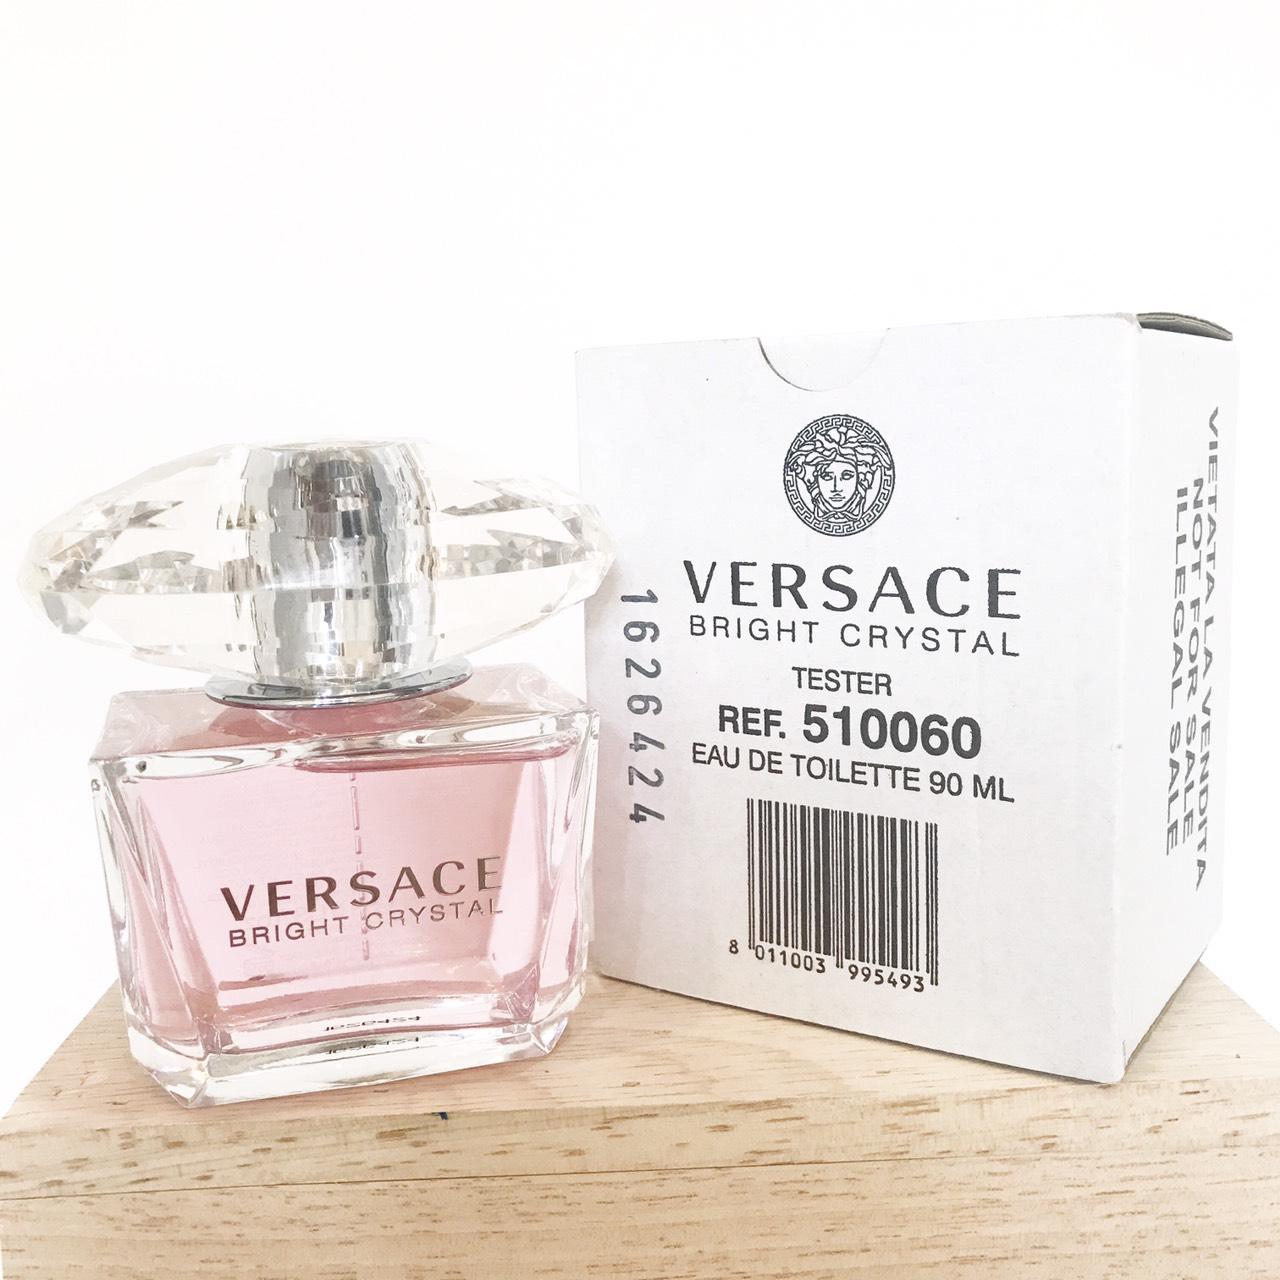 น้ำหอม (กล่องเทสเตอร์) Versace Bright Crystal EDT 90 ml. ของแท้ 100%